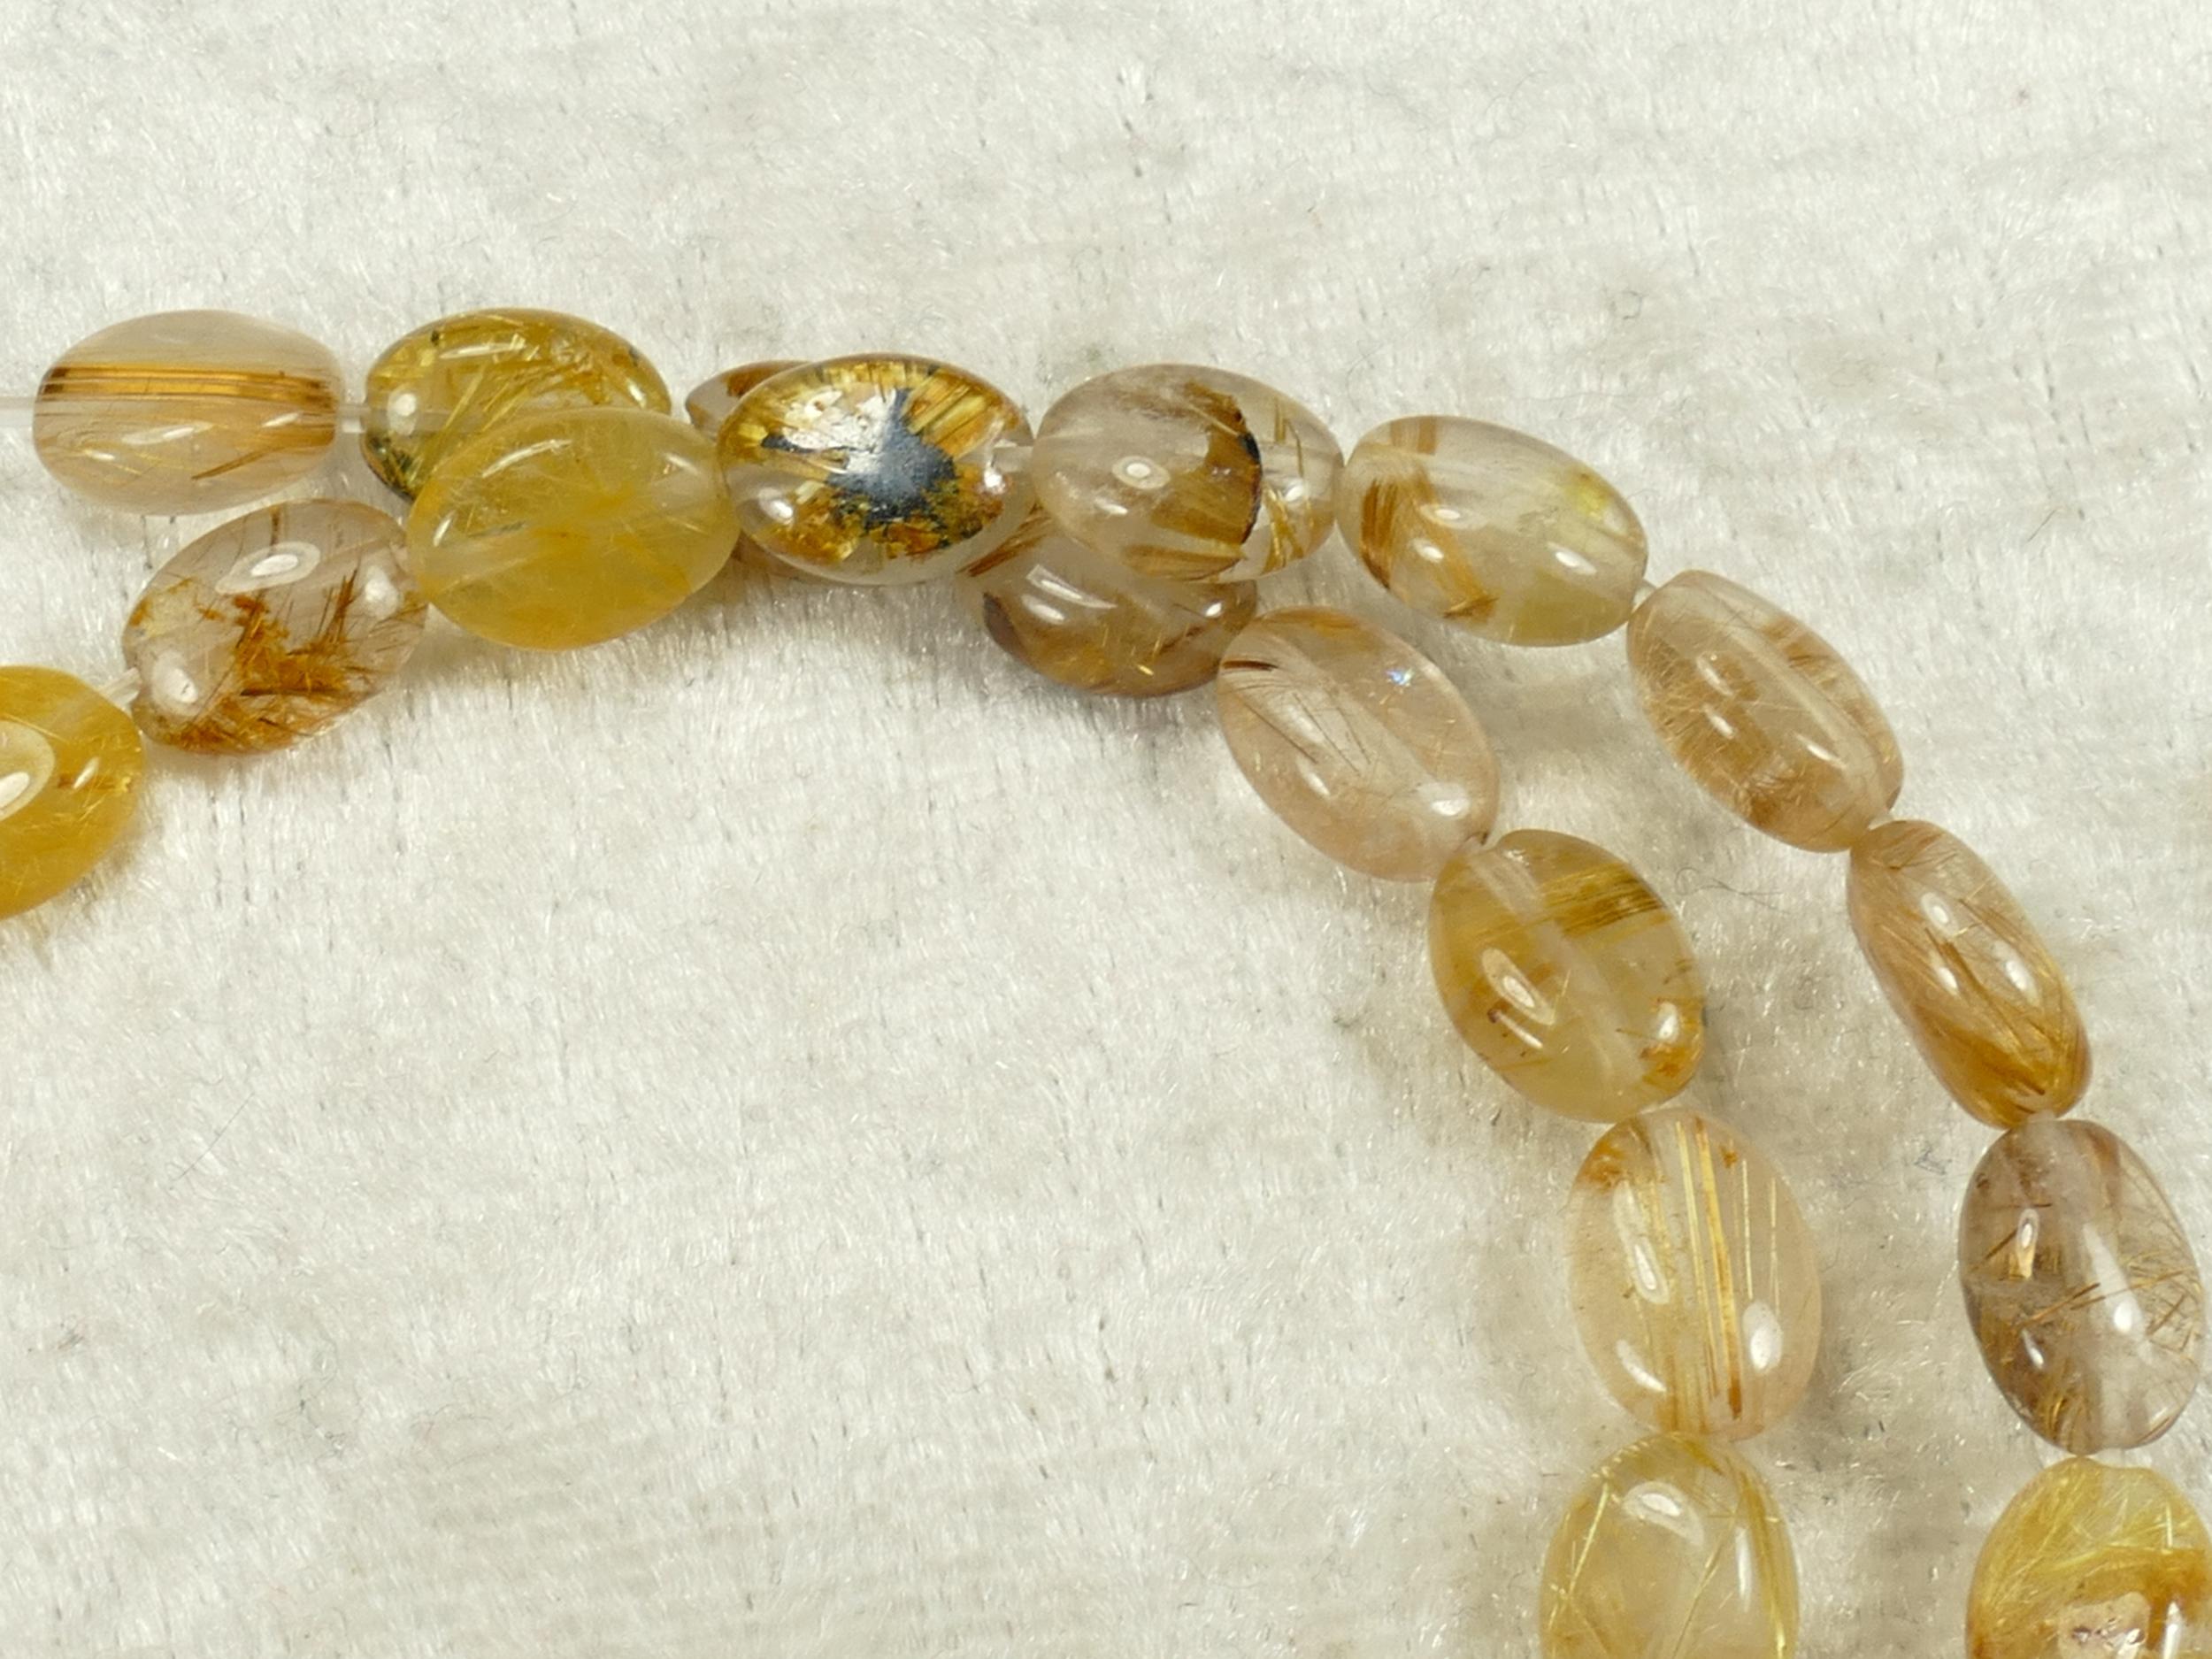 8.5x6.2mm x10 Perles de Quartz rutilé naturelle en ovale du Brésil (#AC508)